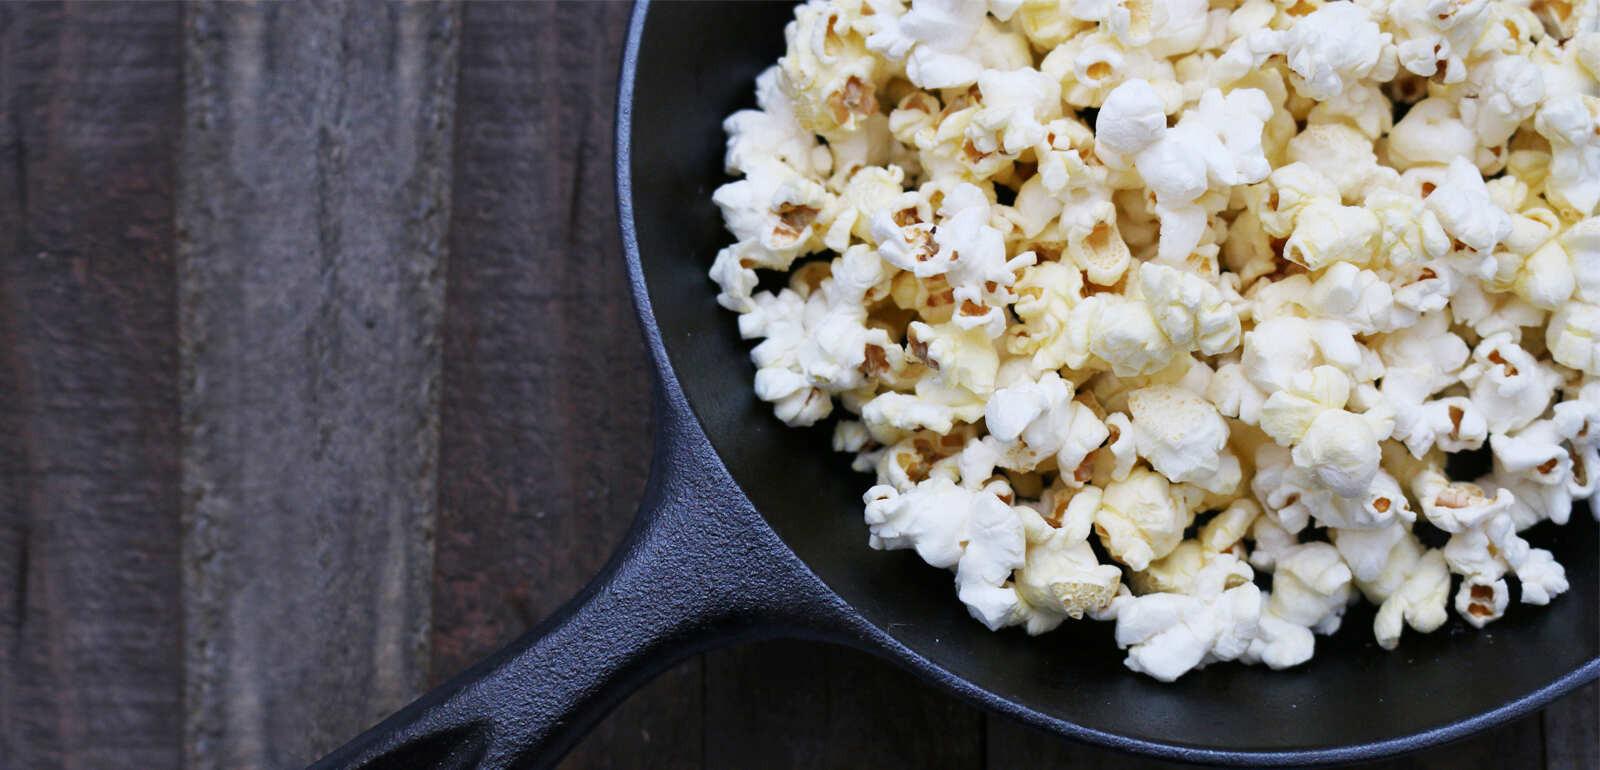 Healthy Snack Foods Popcorn